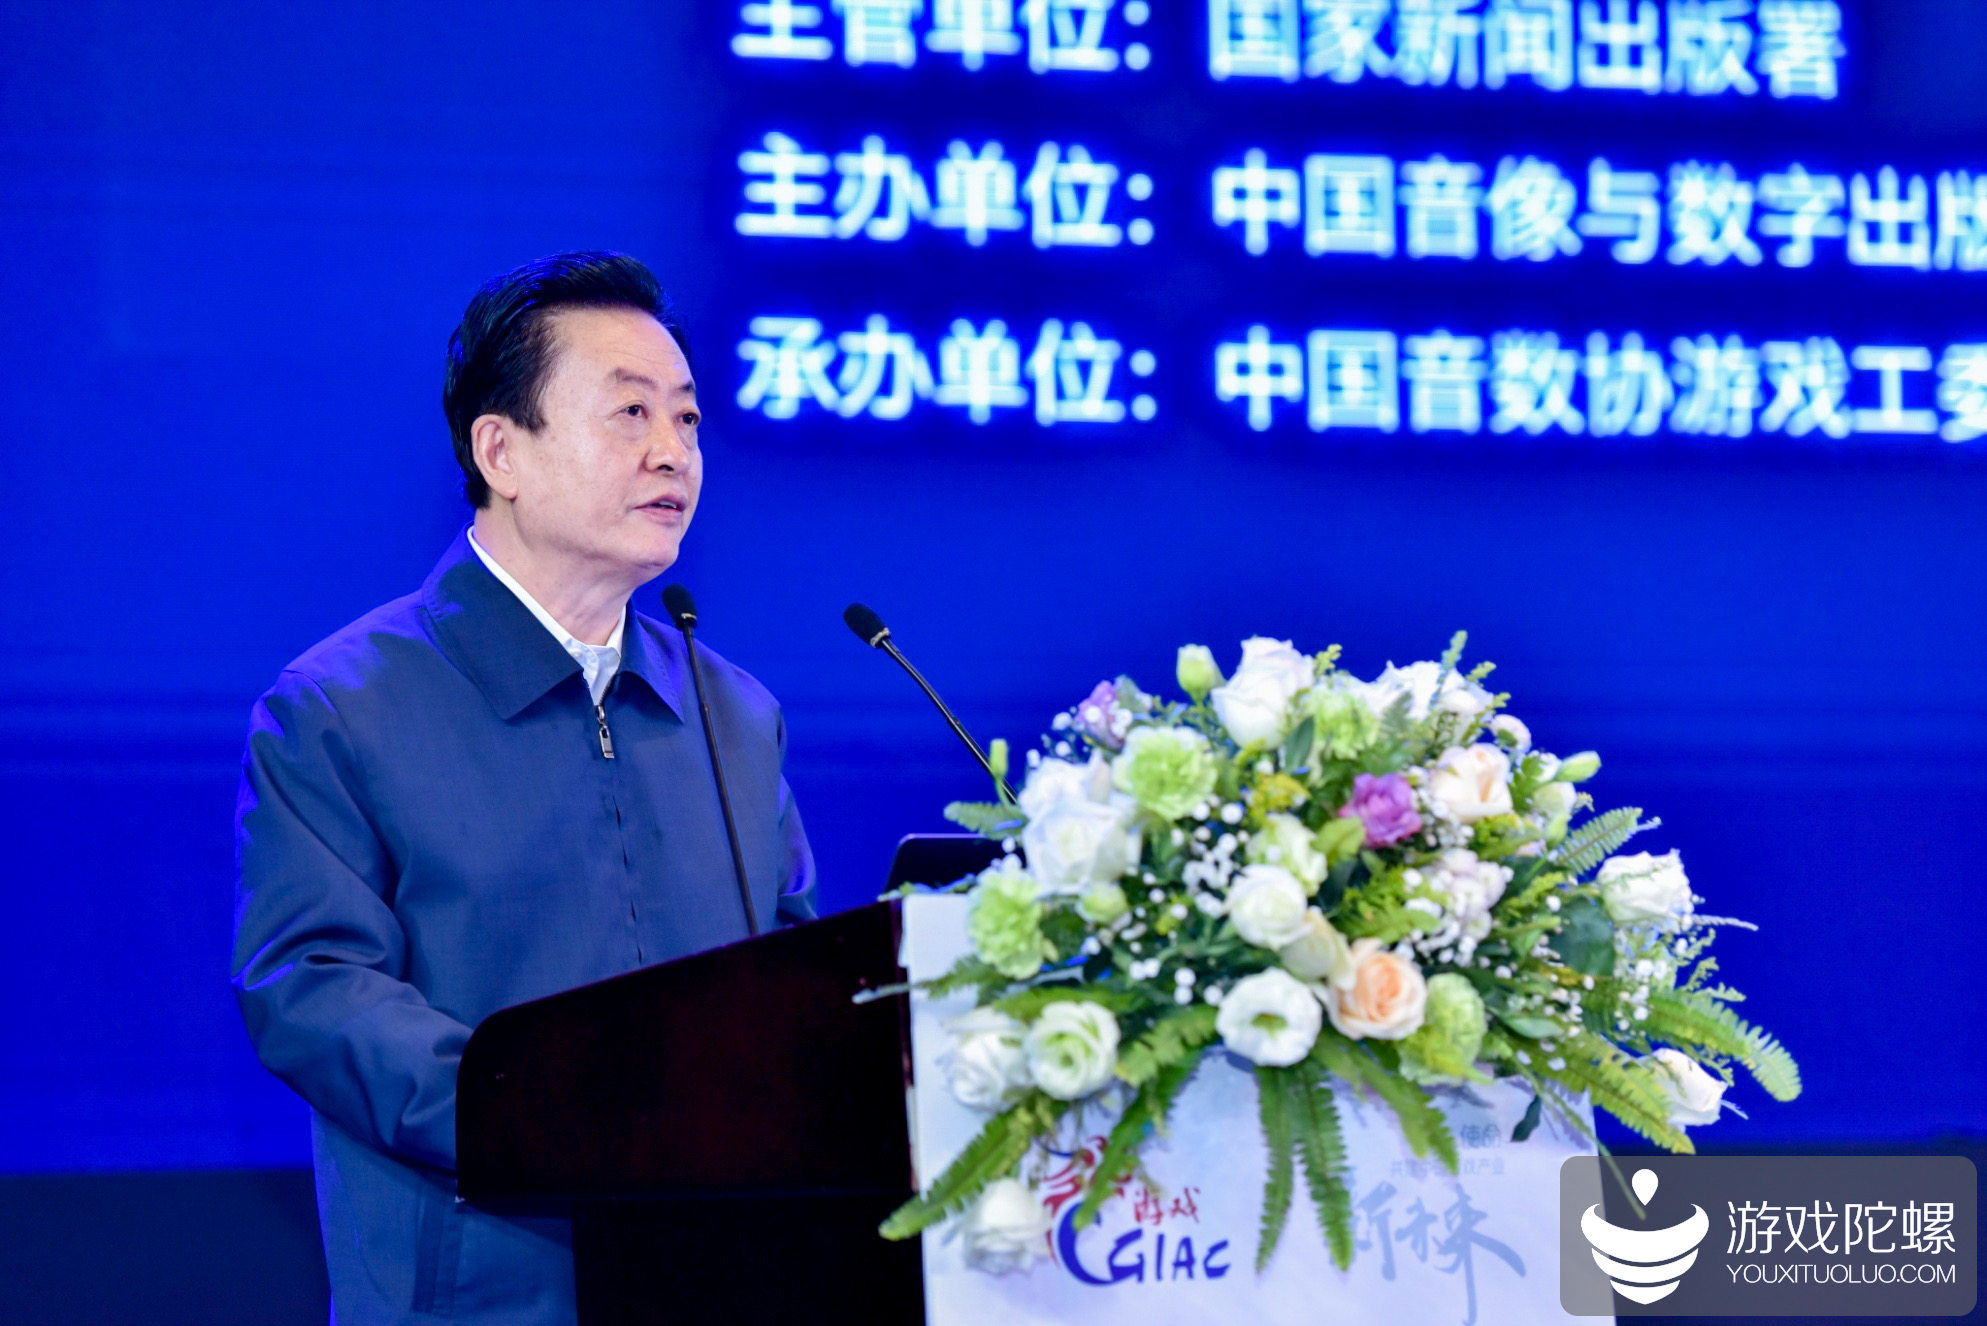 中国音像与数字出版协会孙寿山:以新思路、新业绩赢得产业发展新未来